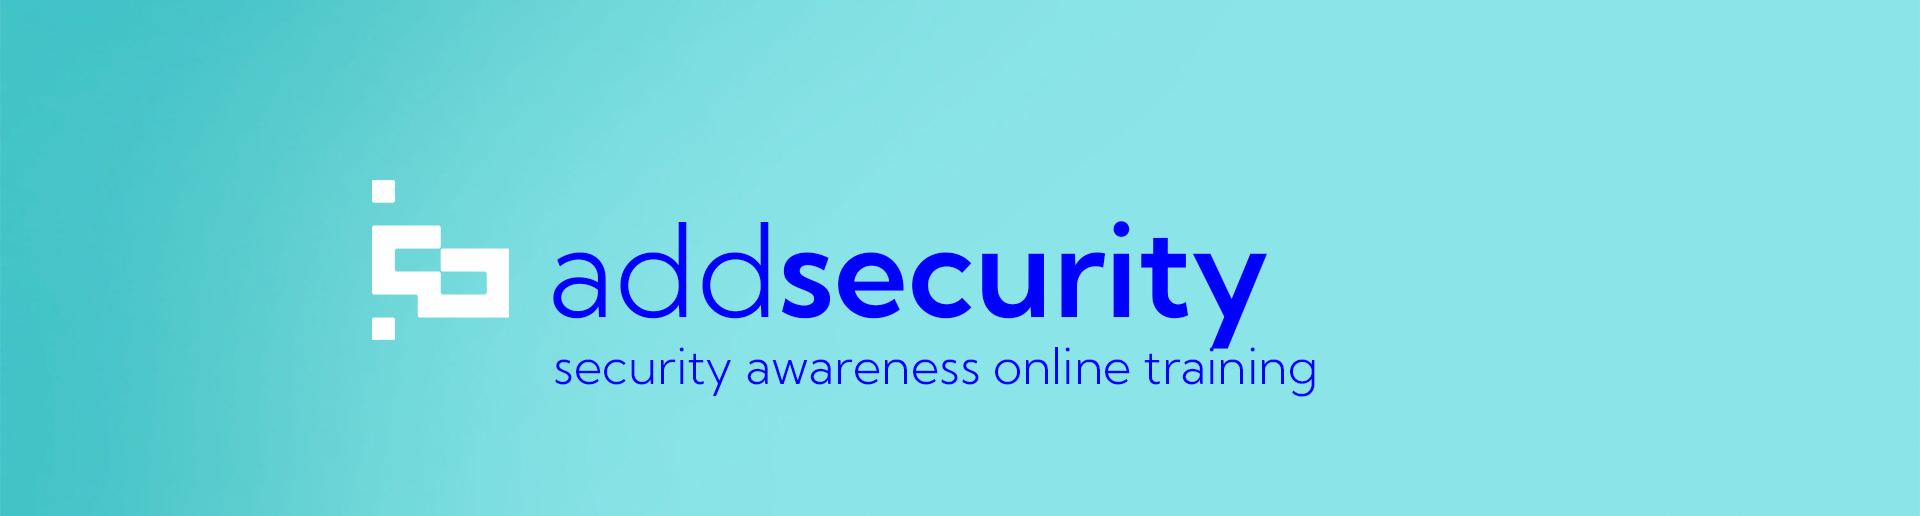 Security Awareness Training 'as-a-service'